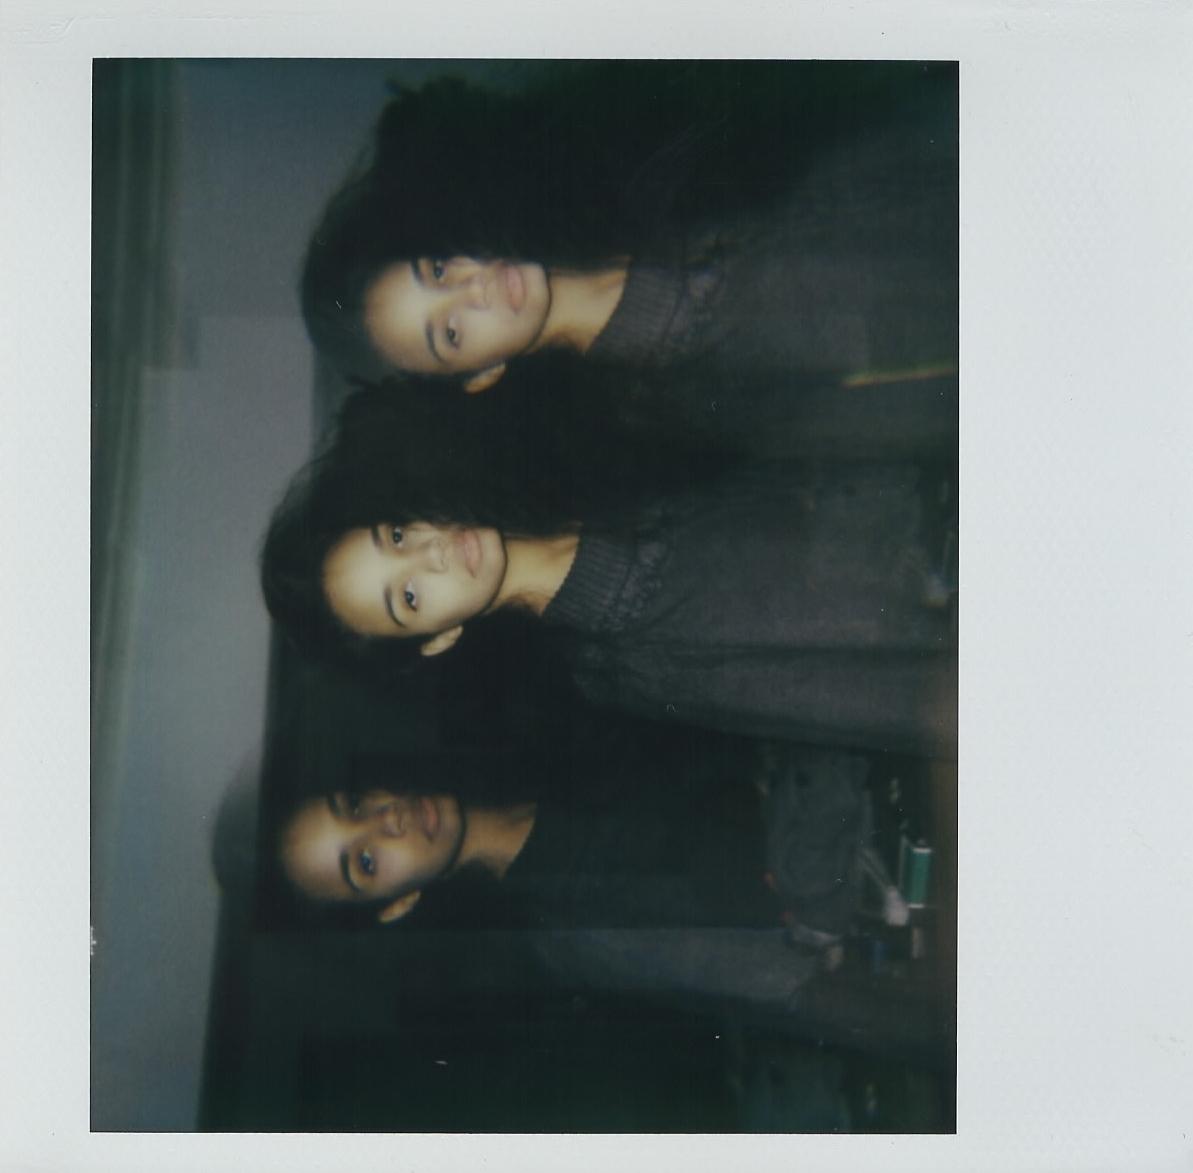 Anabel shot on my Polaroid Spectra -- Brooklyn, NY -- February 2017